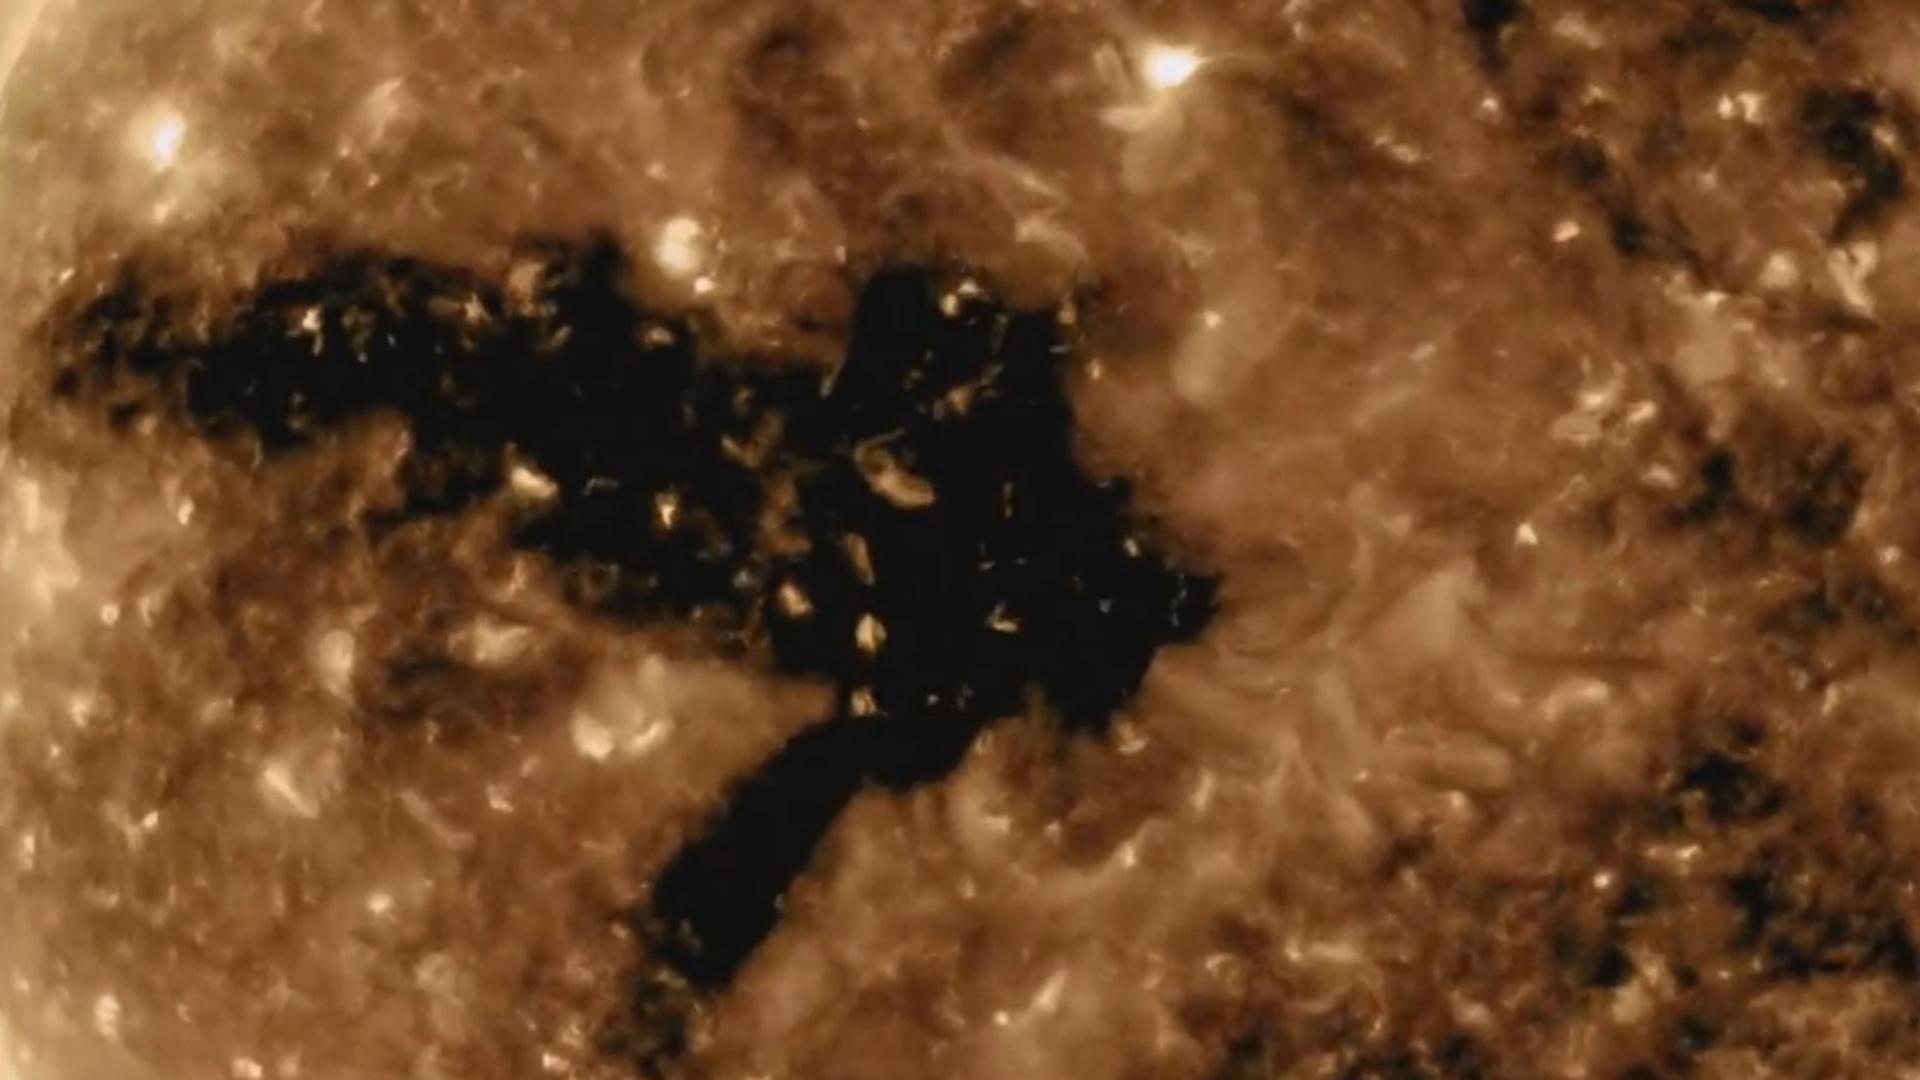 NASA Günəşdəki qeyri-adi prosesin görüntüsünü yayıb